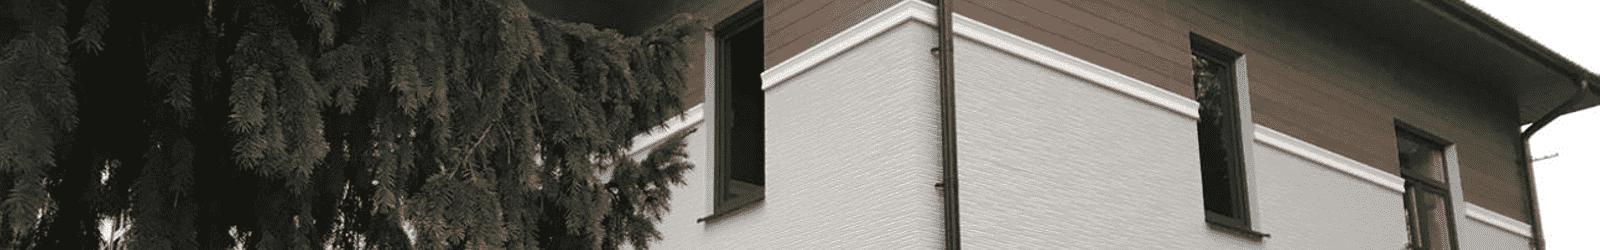 paneli-dlya-ventiliruemogo-fasada